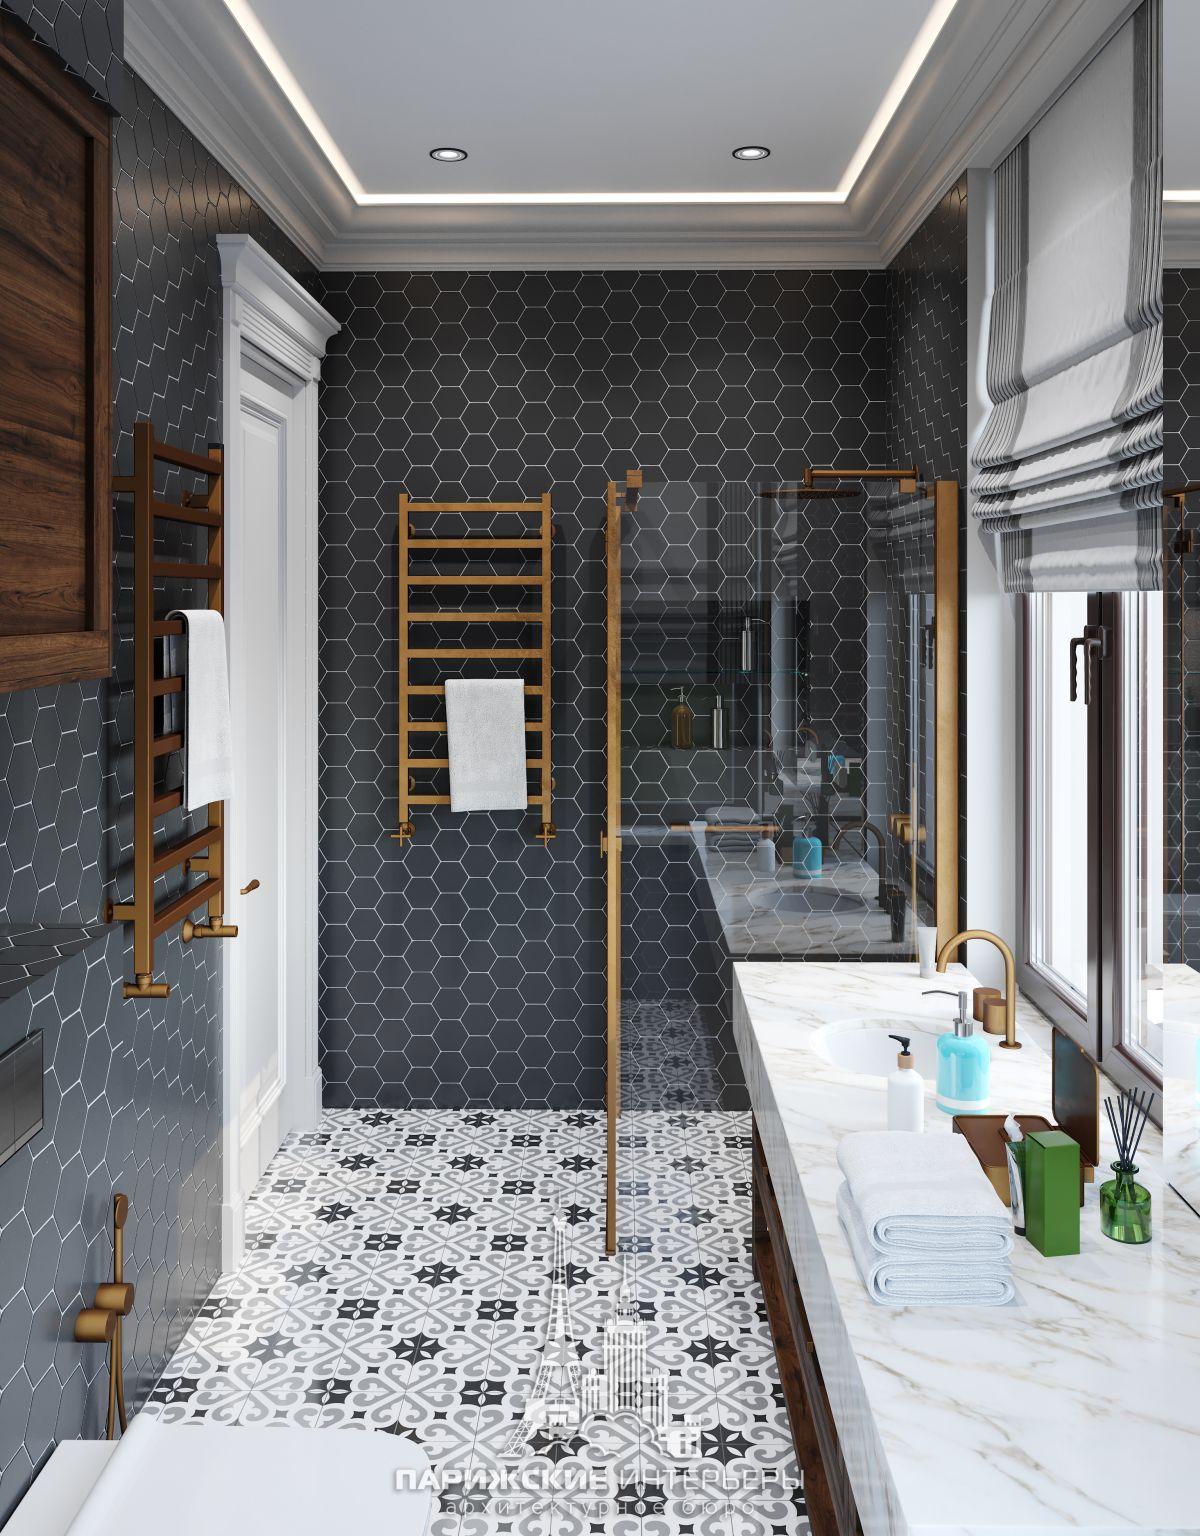 Дизайн ванной комнаты в парижском стиле с дизайнерской плиткой